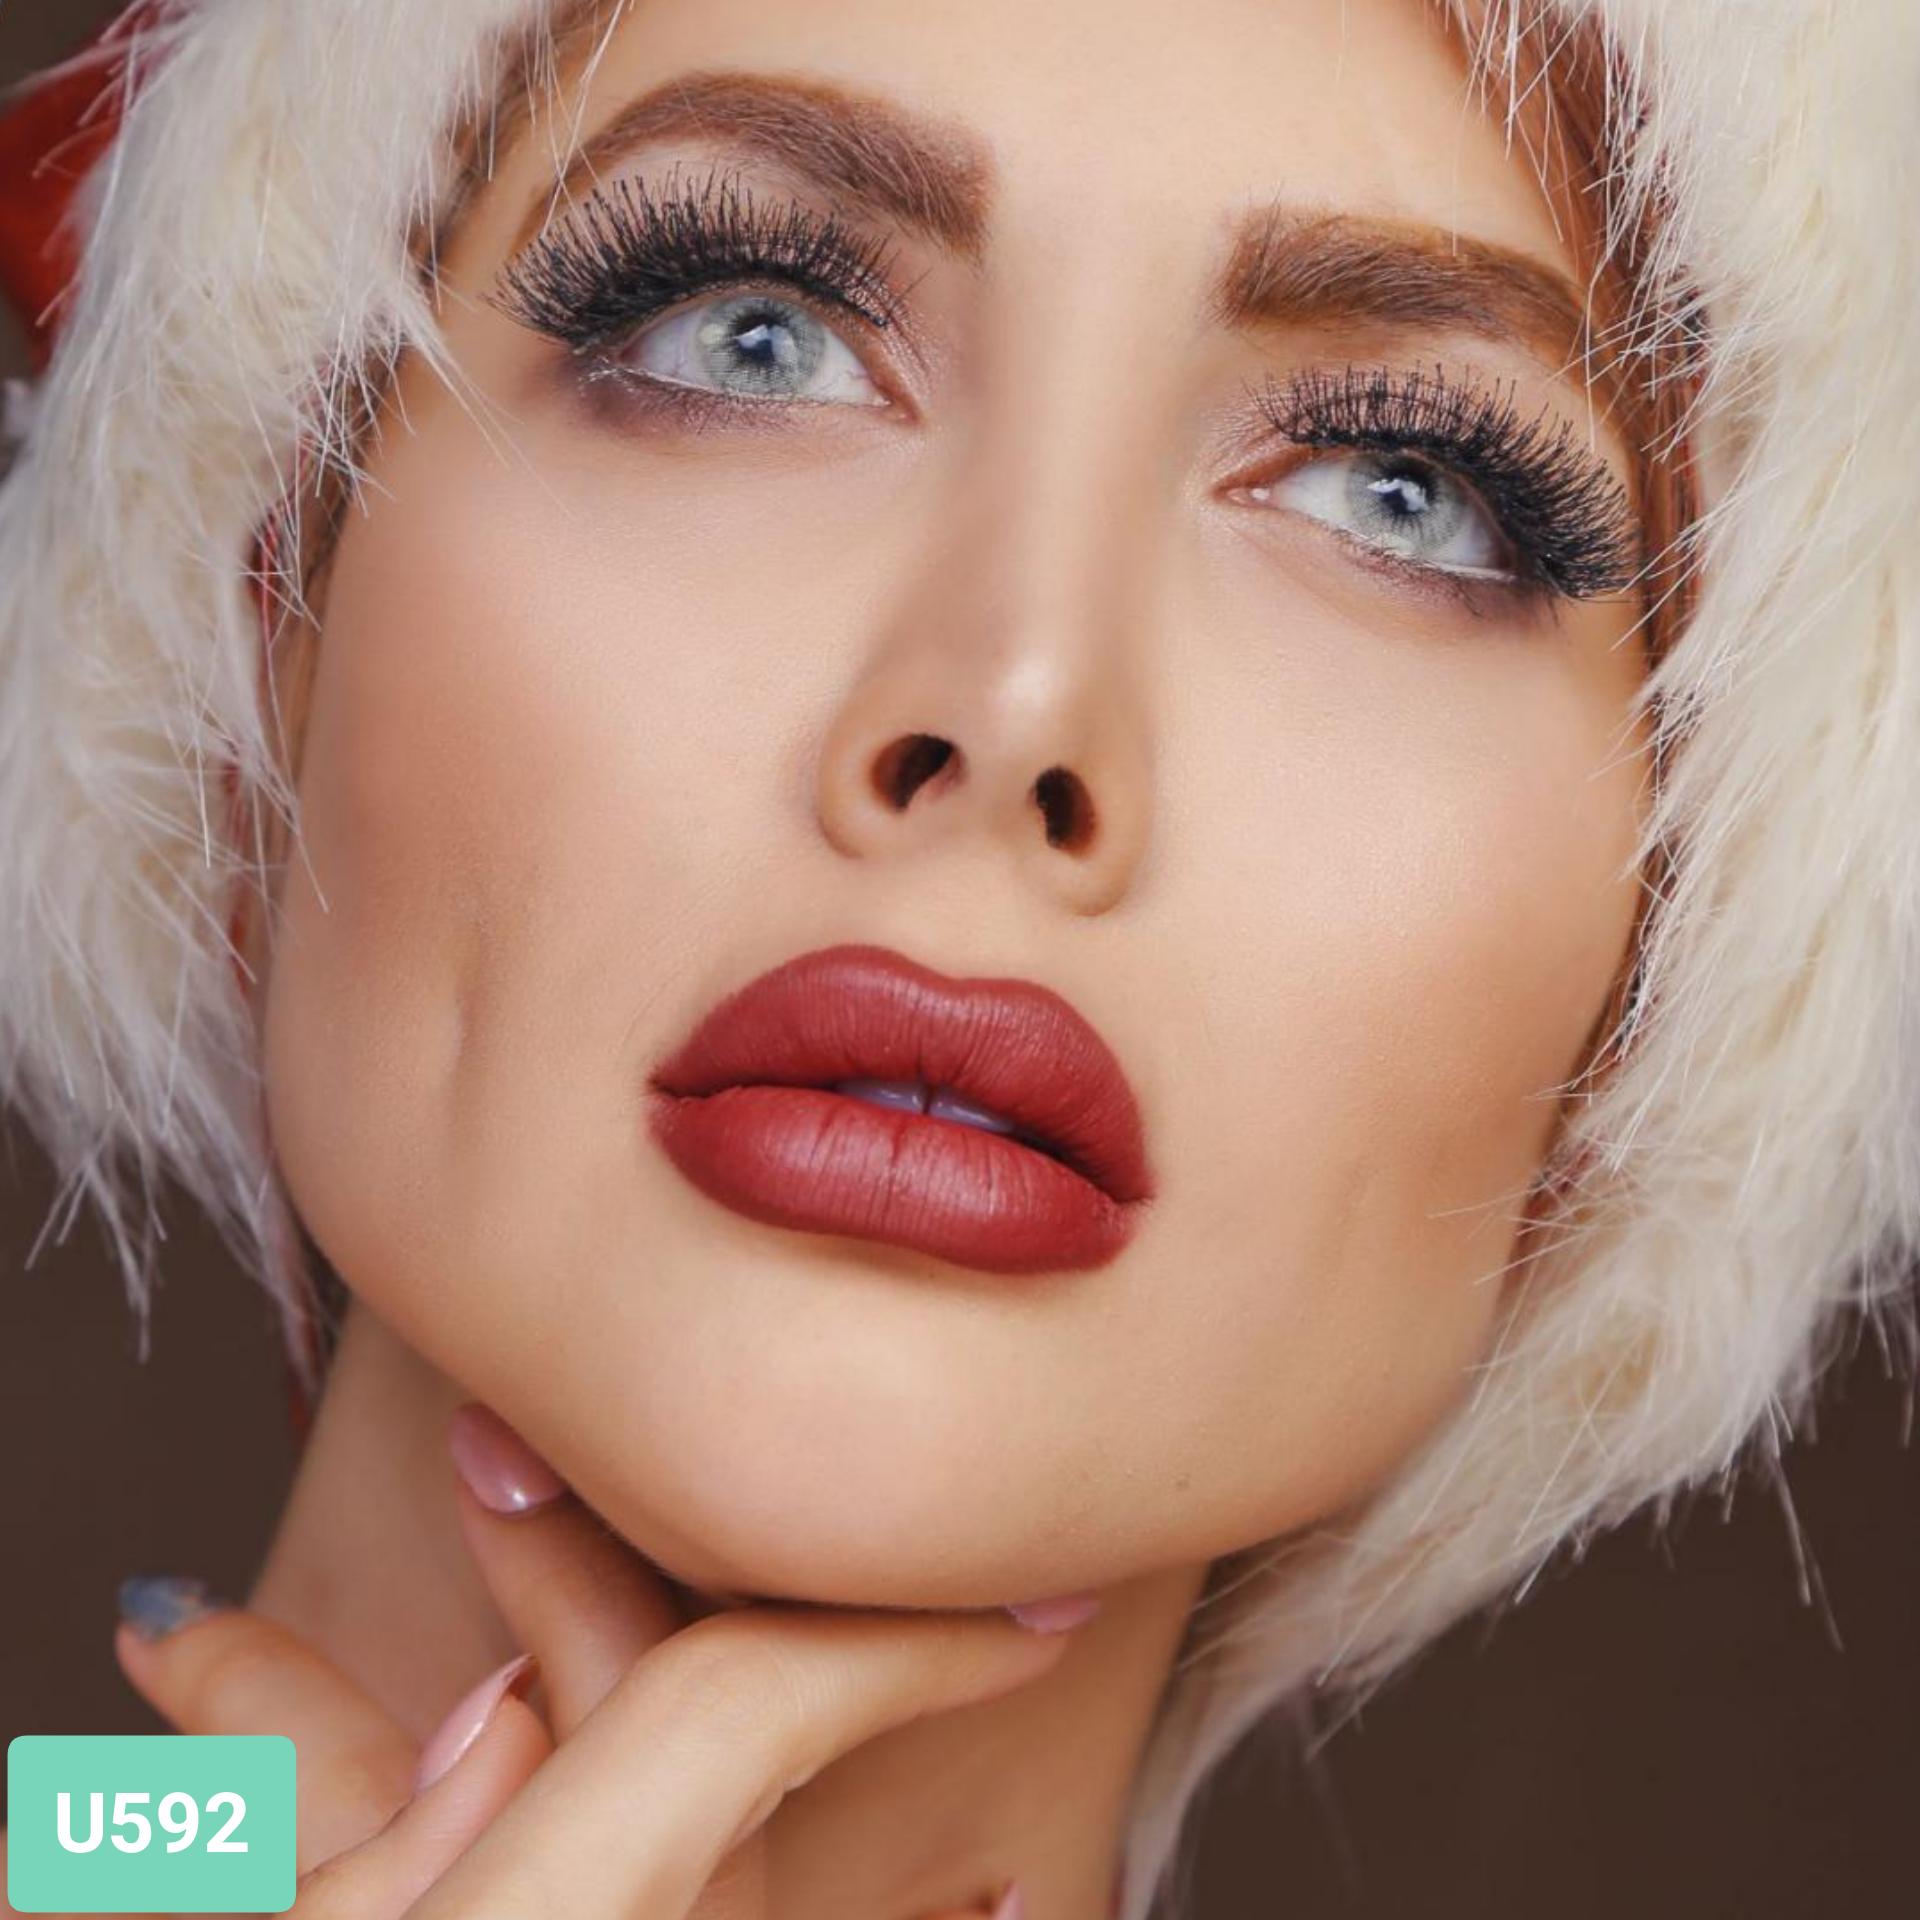 فروش لنز U592 (طوسی بژ)  برند کلیرویژن رنگی بهمراه قیمت امروز لنز رنگی و قیمت امروز لنز طبی